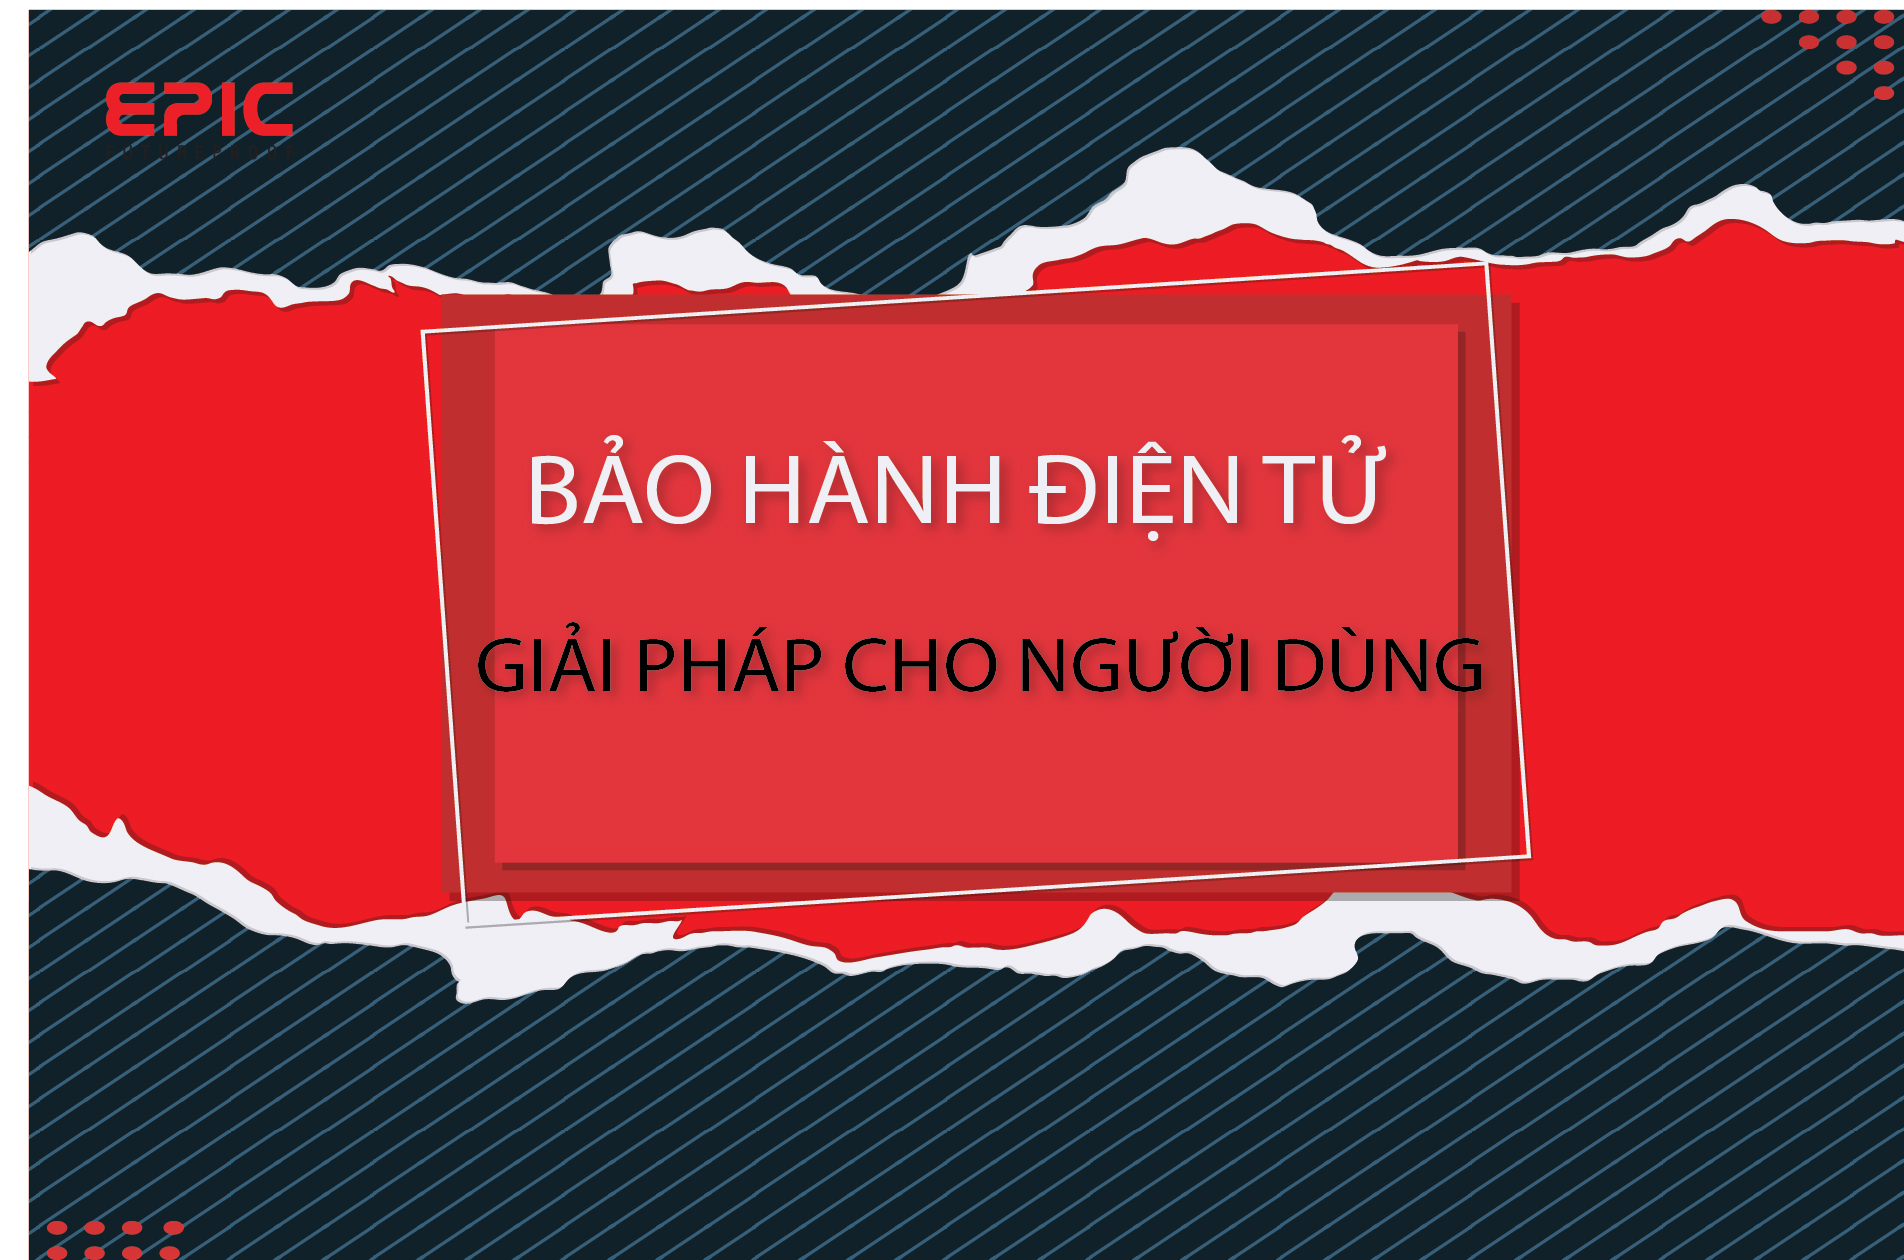 khoa-dien-tu-epic-bao-hanh-dien-tu-loi-ich-cho-nguoi-dung